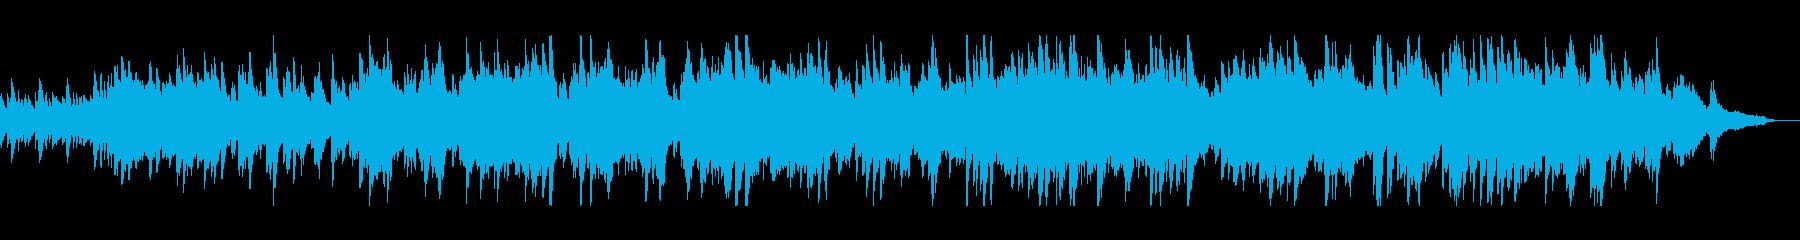 優しい音色のピアノの調べの再生済みの波形